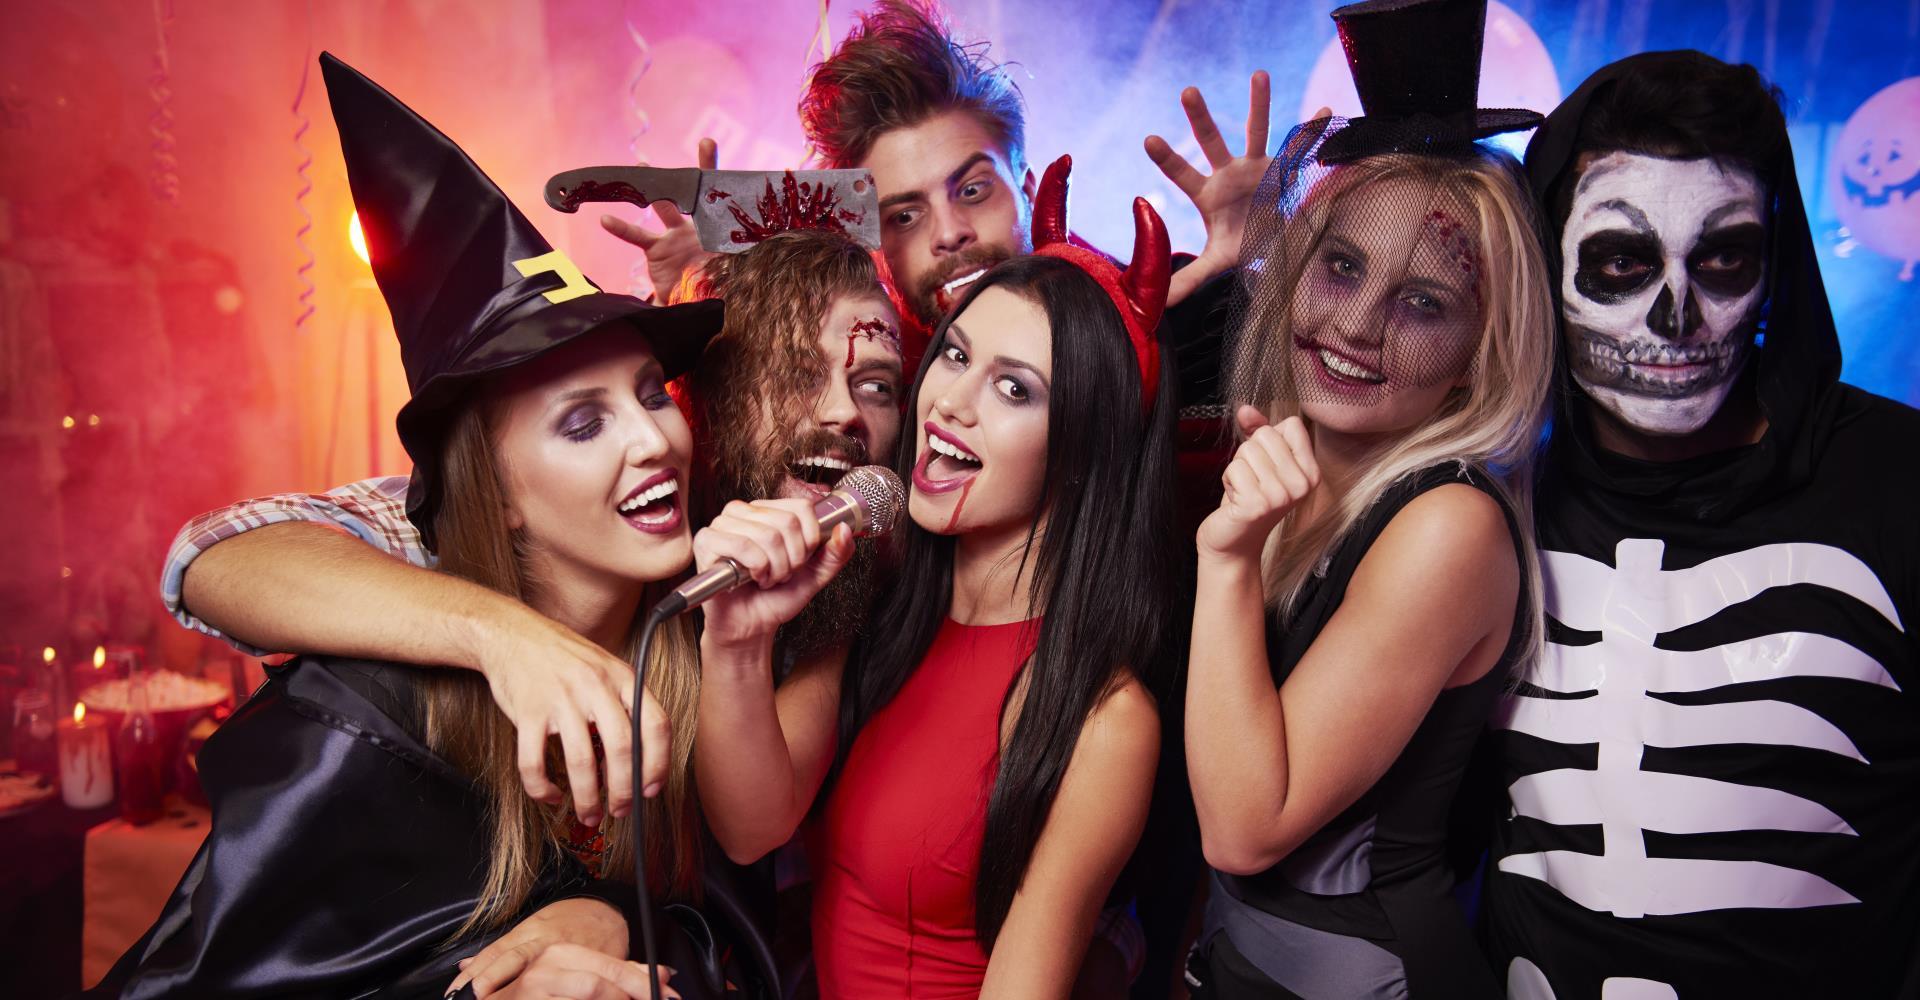 Wo Kann Man Halloween Kostüme Kaufen.Halloween Kostüme Zum Gruseln Schön Halloween Party Tipps Und